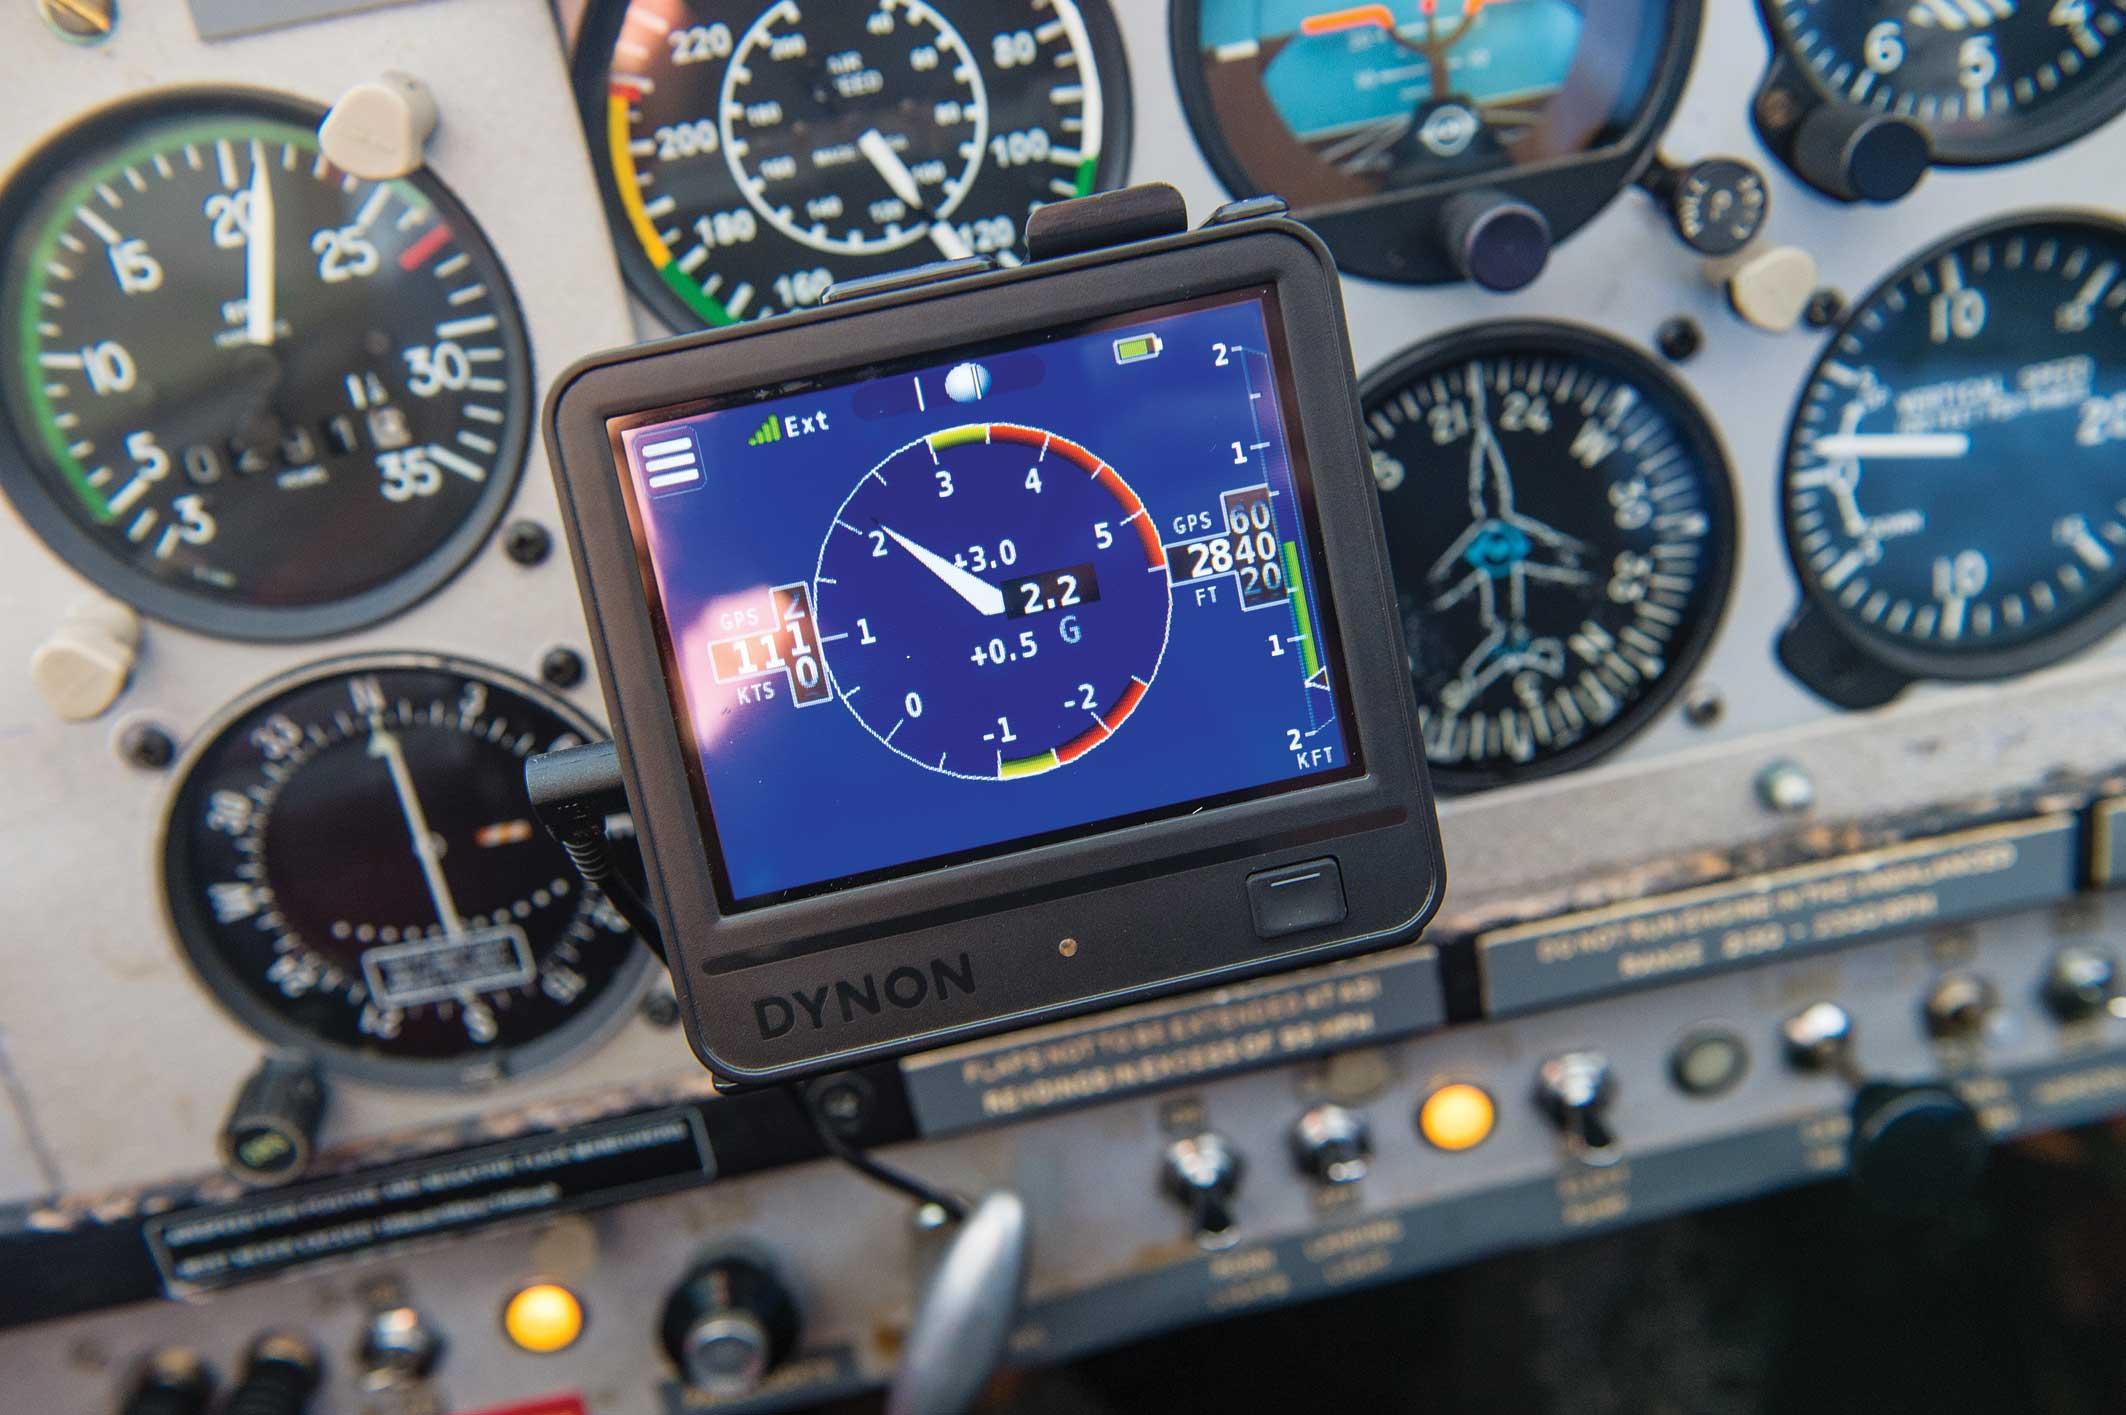 Dynon D3 Pocket Panel - FLYER